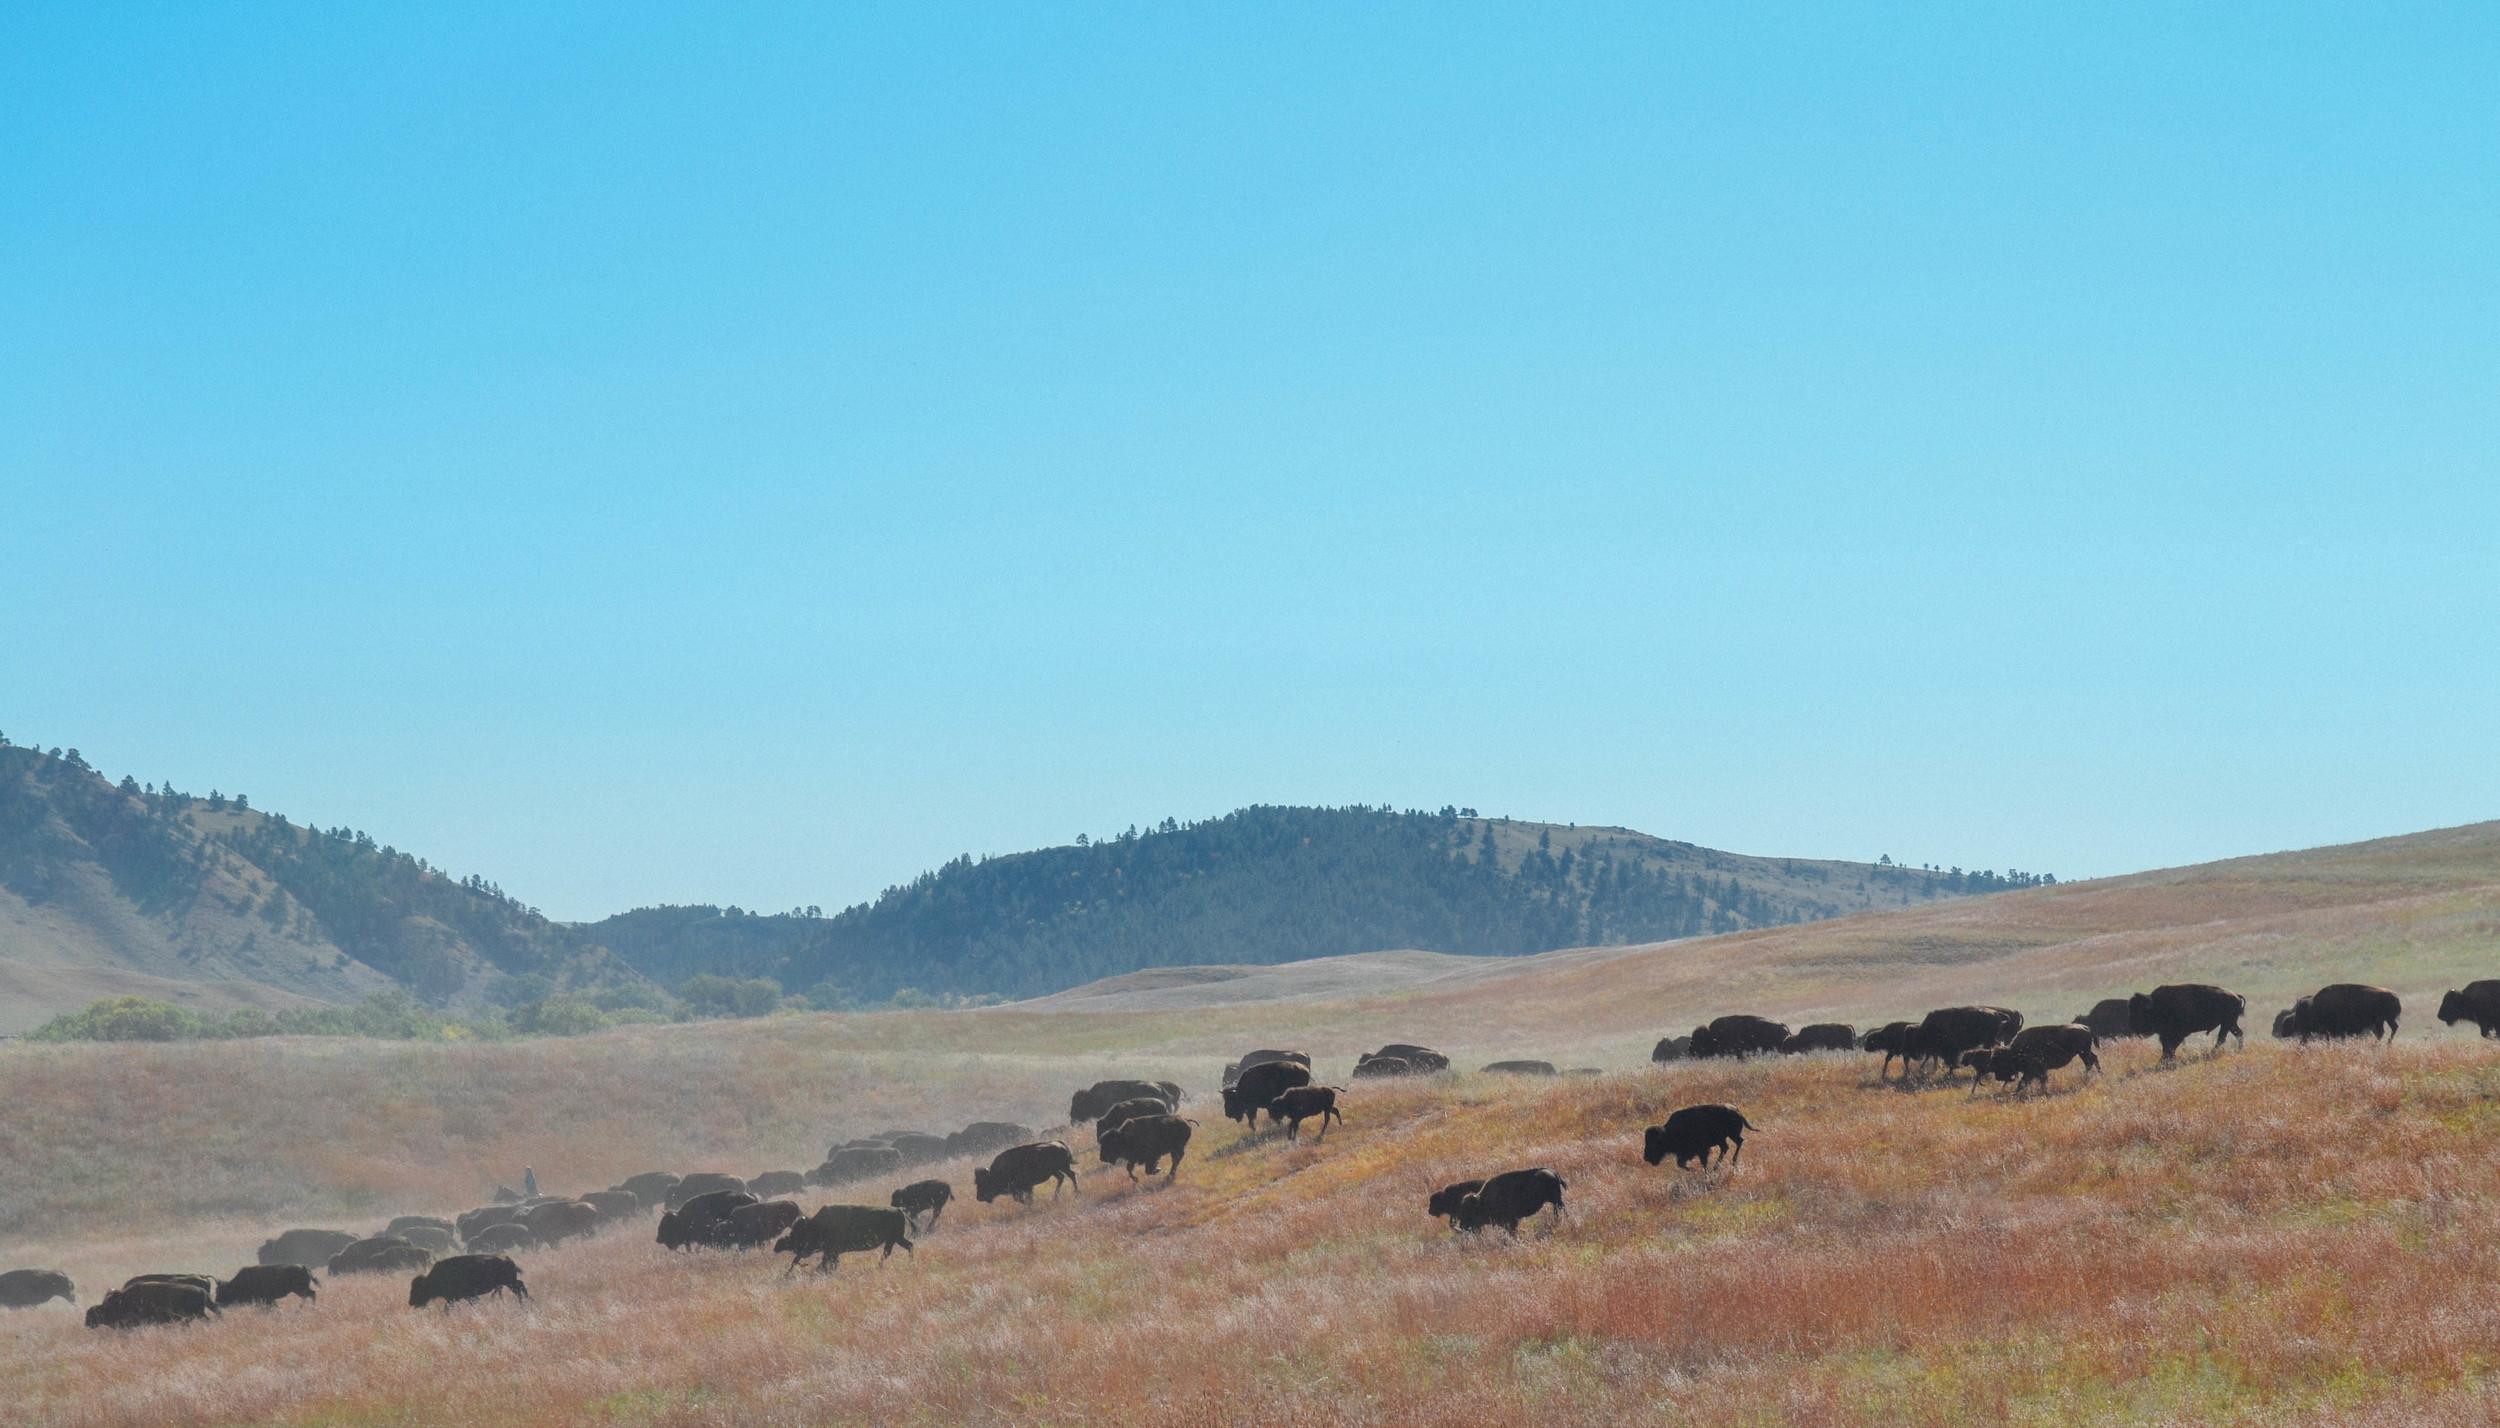 Buffalo Roundup - South Dakota